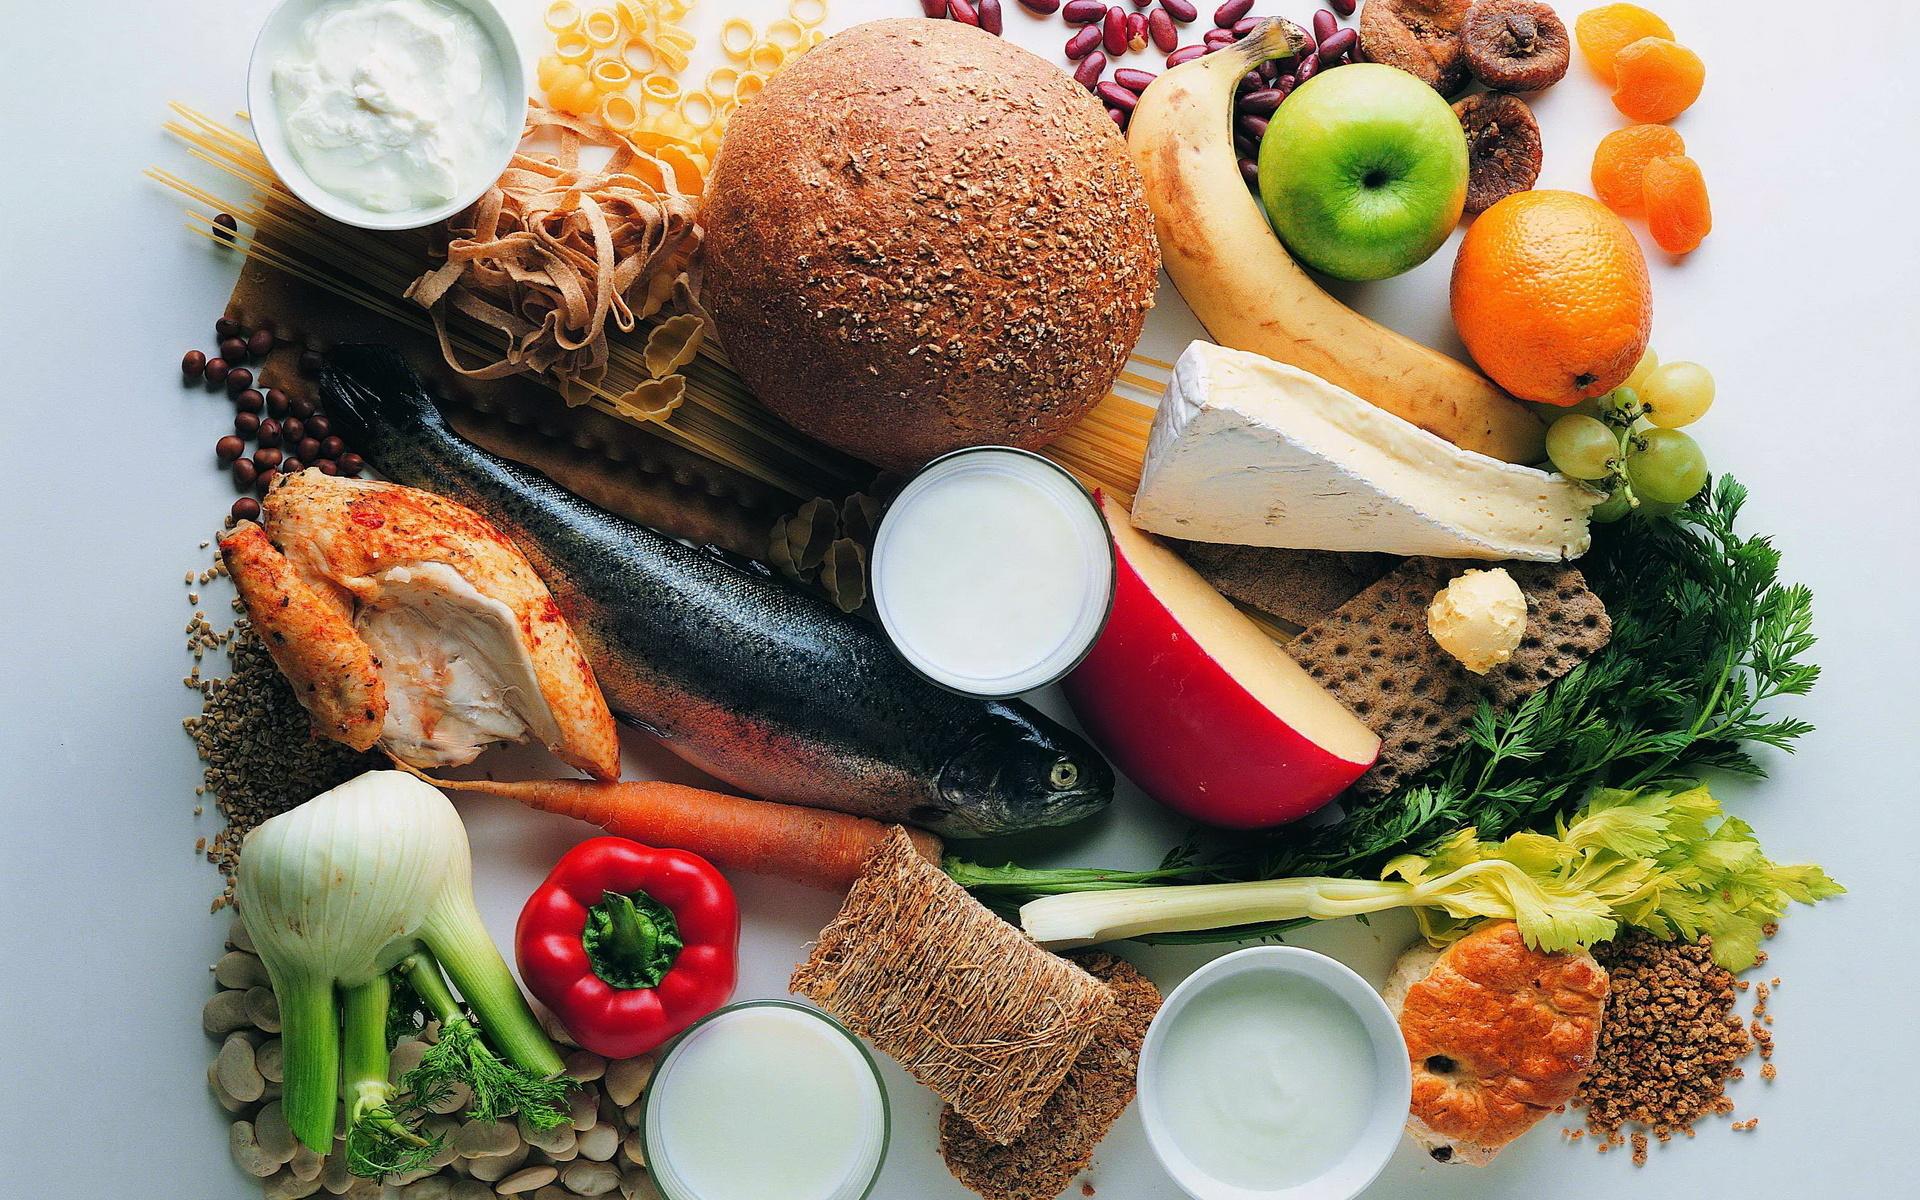 Эти продукты считаются самыми опасными для сердца